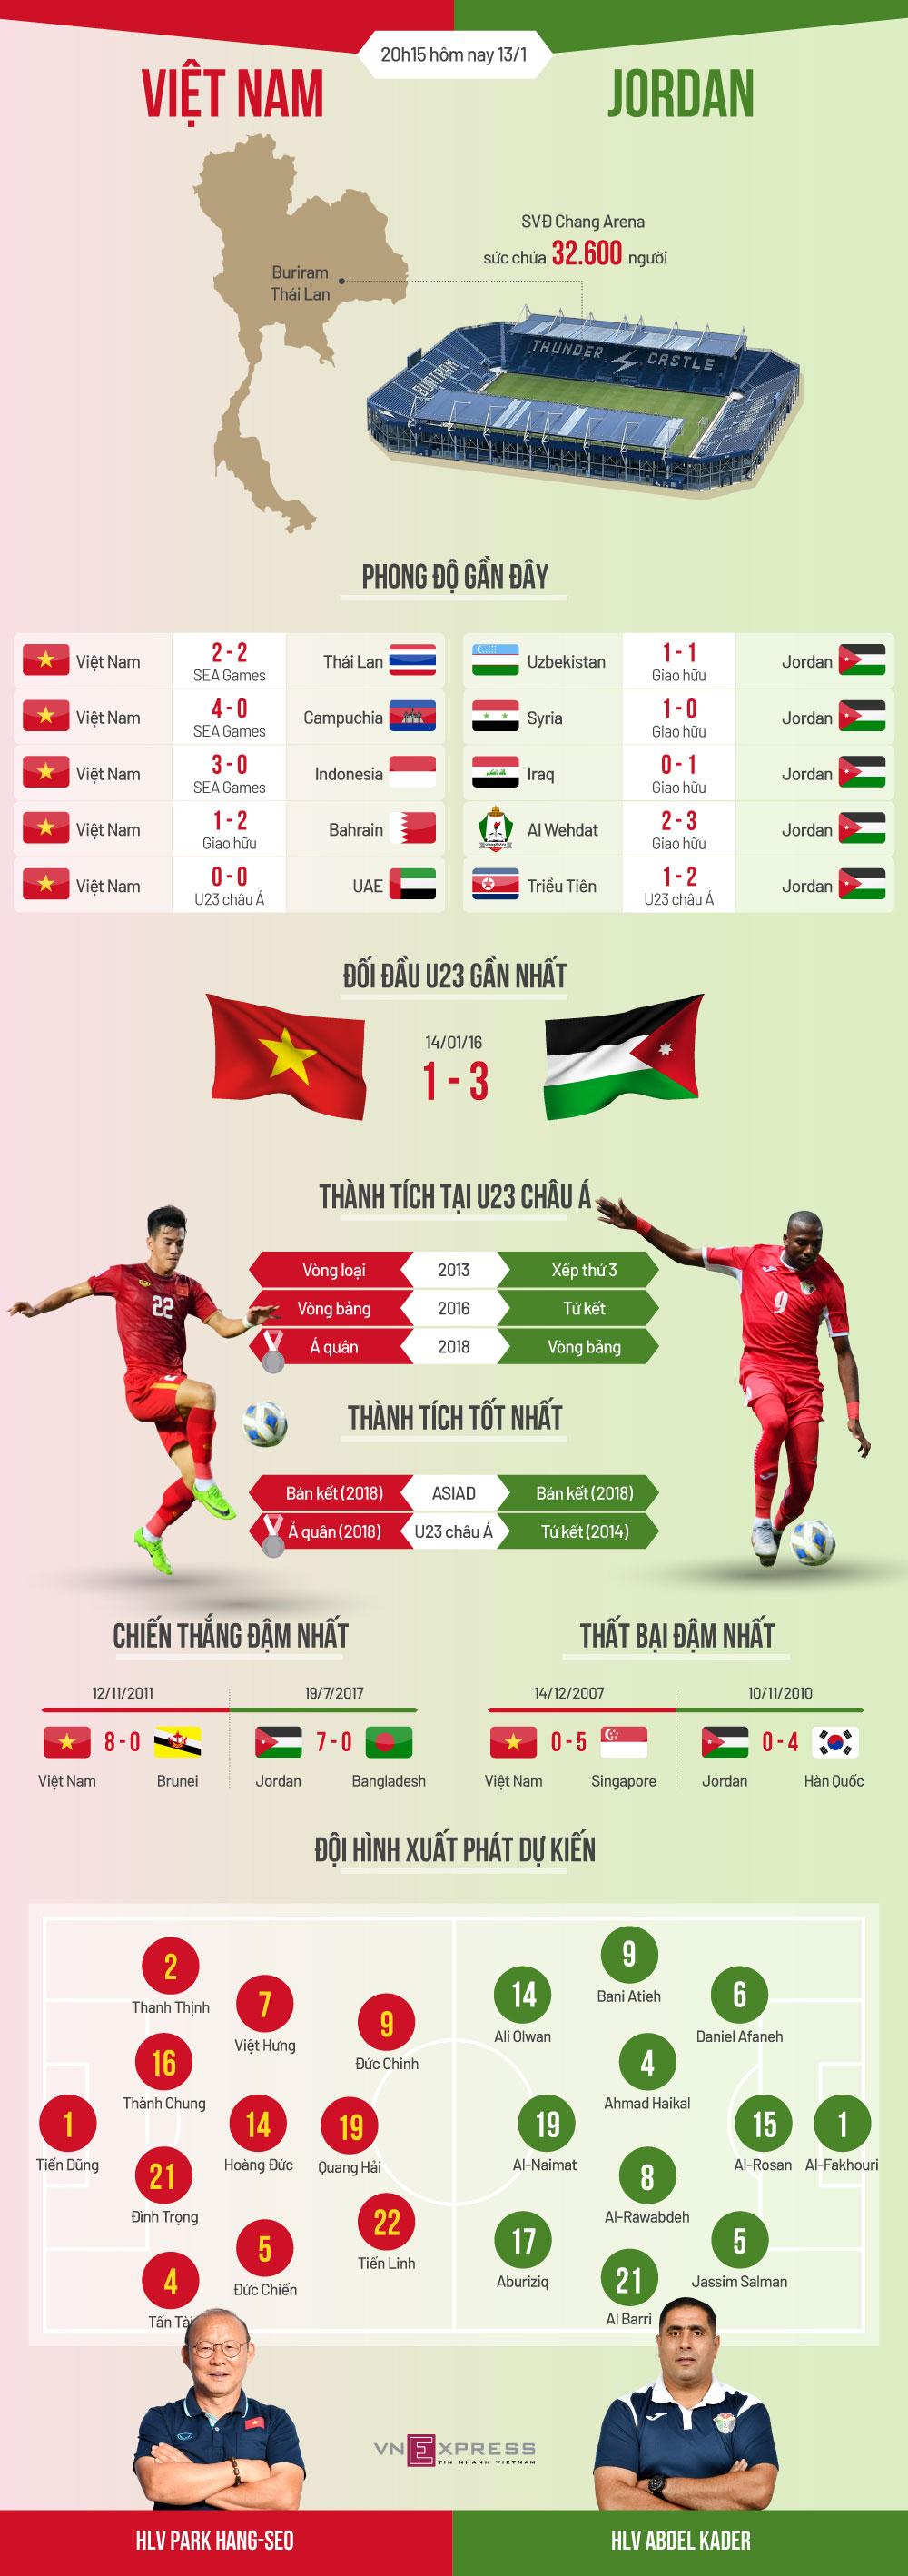 đội tuyển U23 Việt Nam, đội tuyển U23 Jordan, giải vô địch U23 châu Á 2020, Park Hang-seo